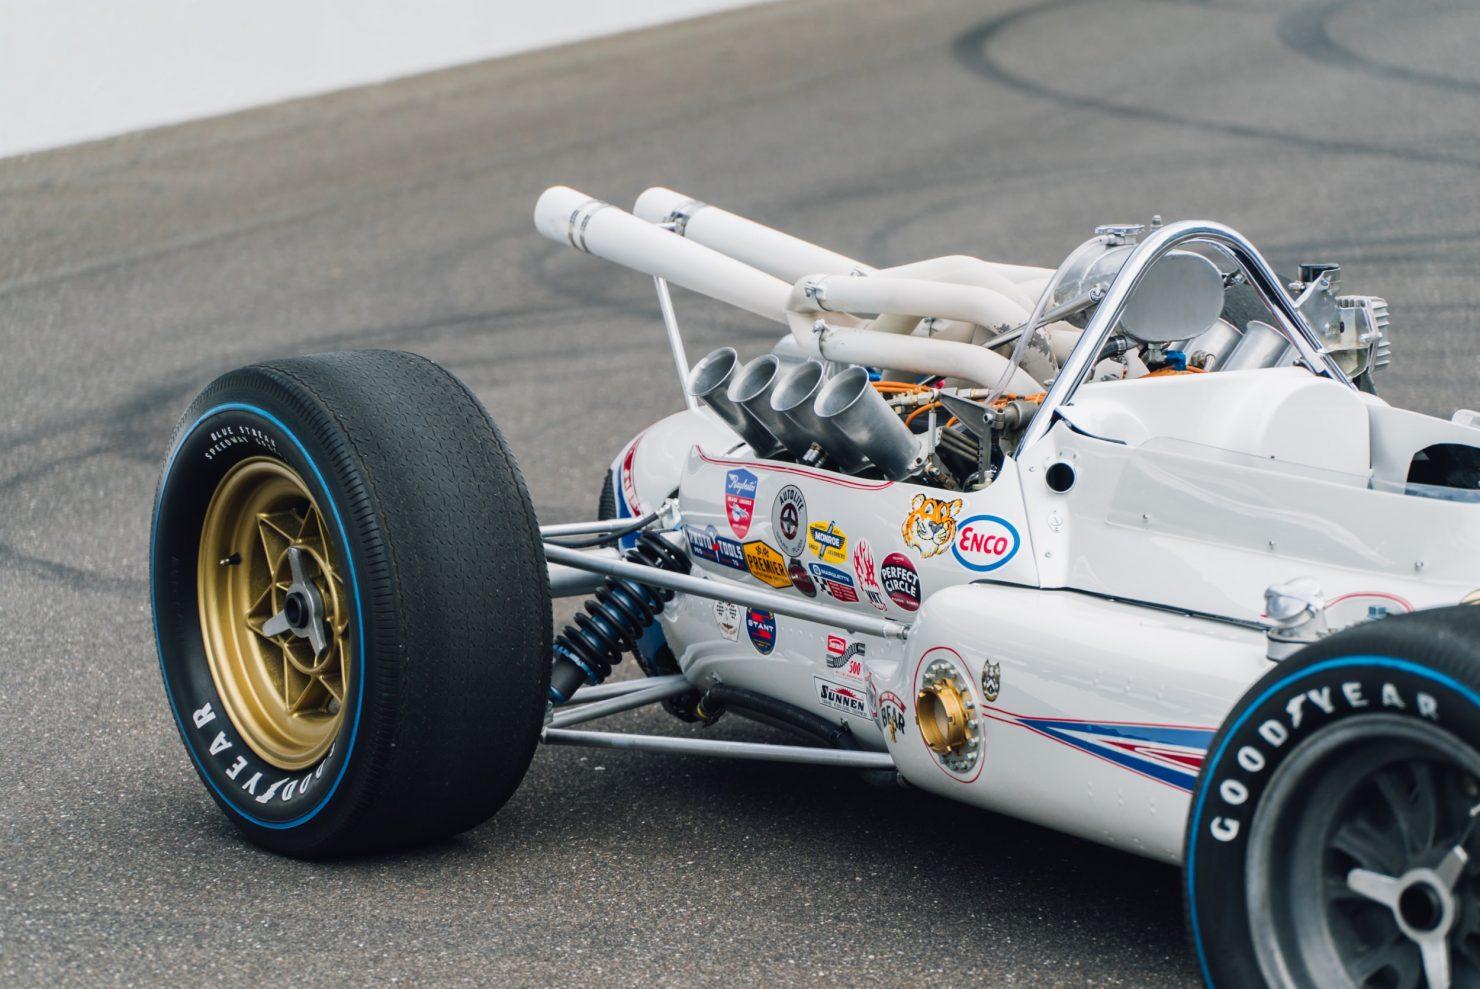 lotus type 34 indy 500 car 9 1480x989 - 1964 Lotus Type 34